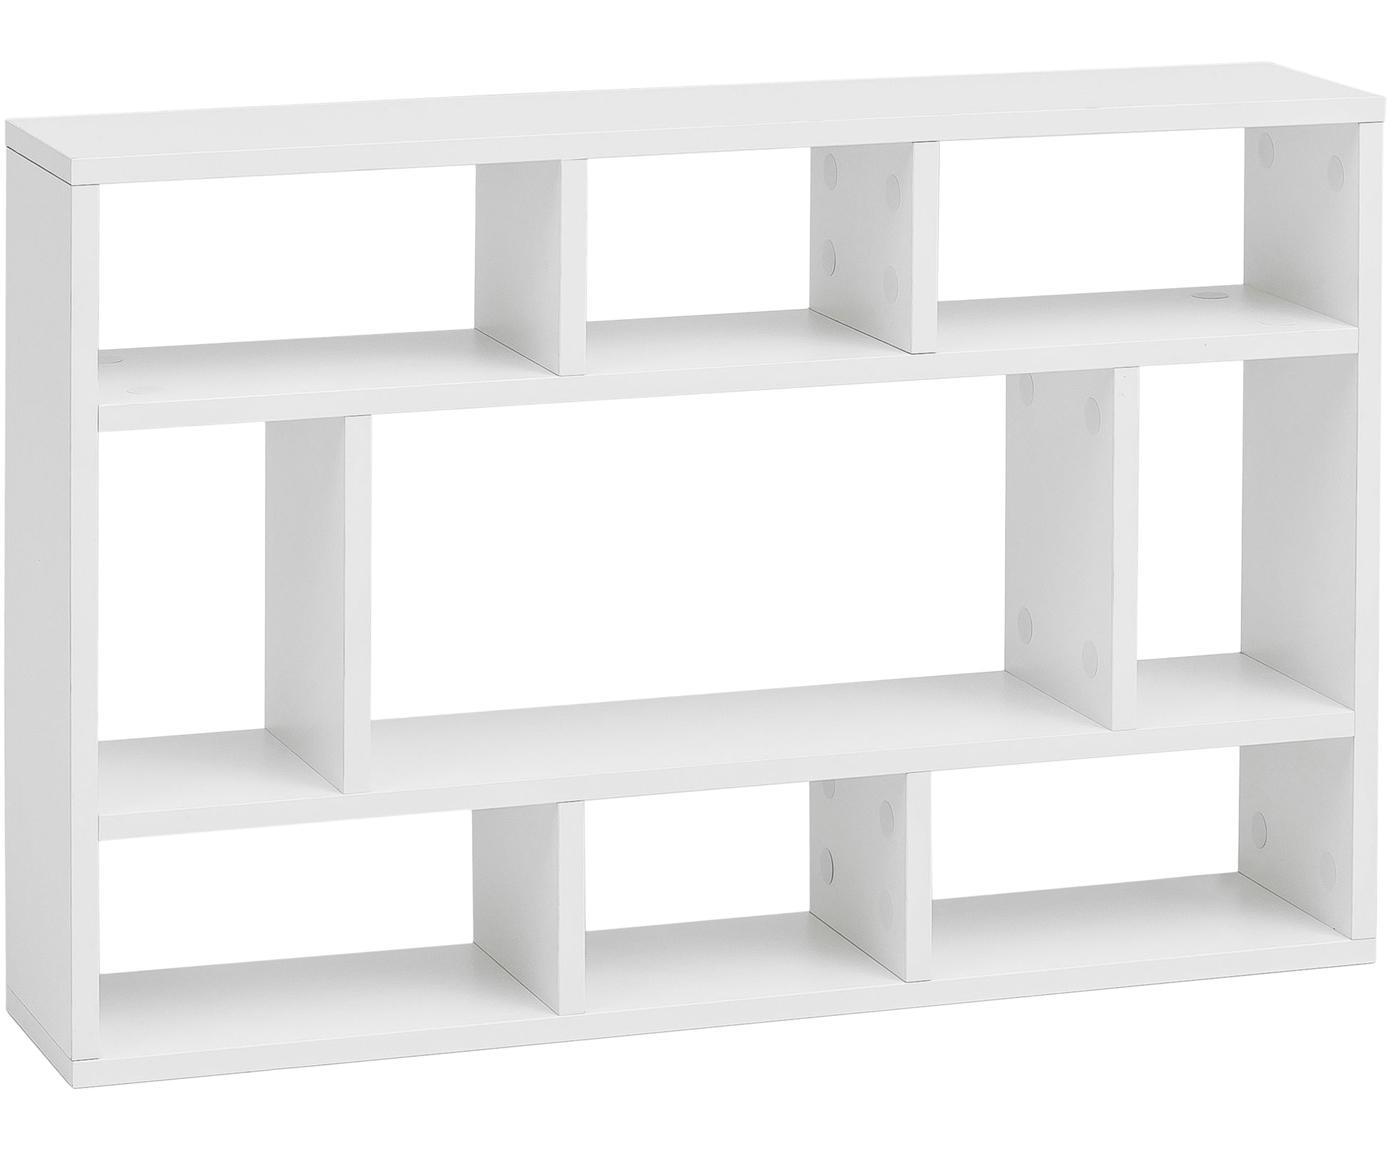 Estantería de pared pequeña Alek, Aglomerado recubierto de melamina, Blanco, An 75 x Al 51 cm